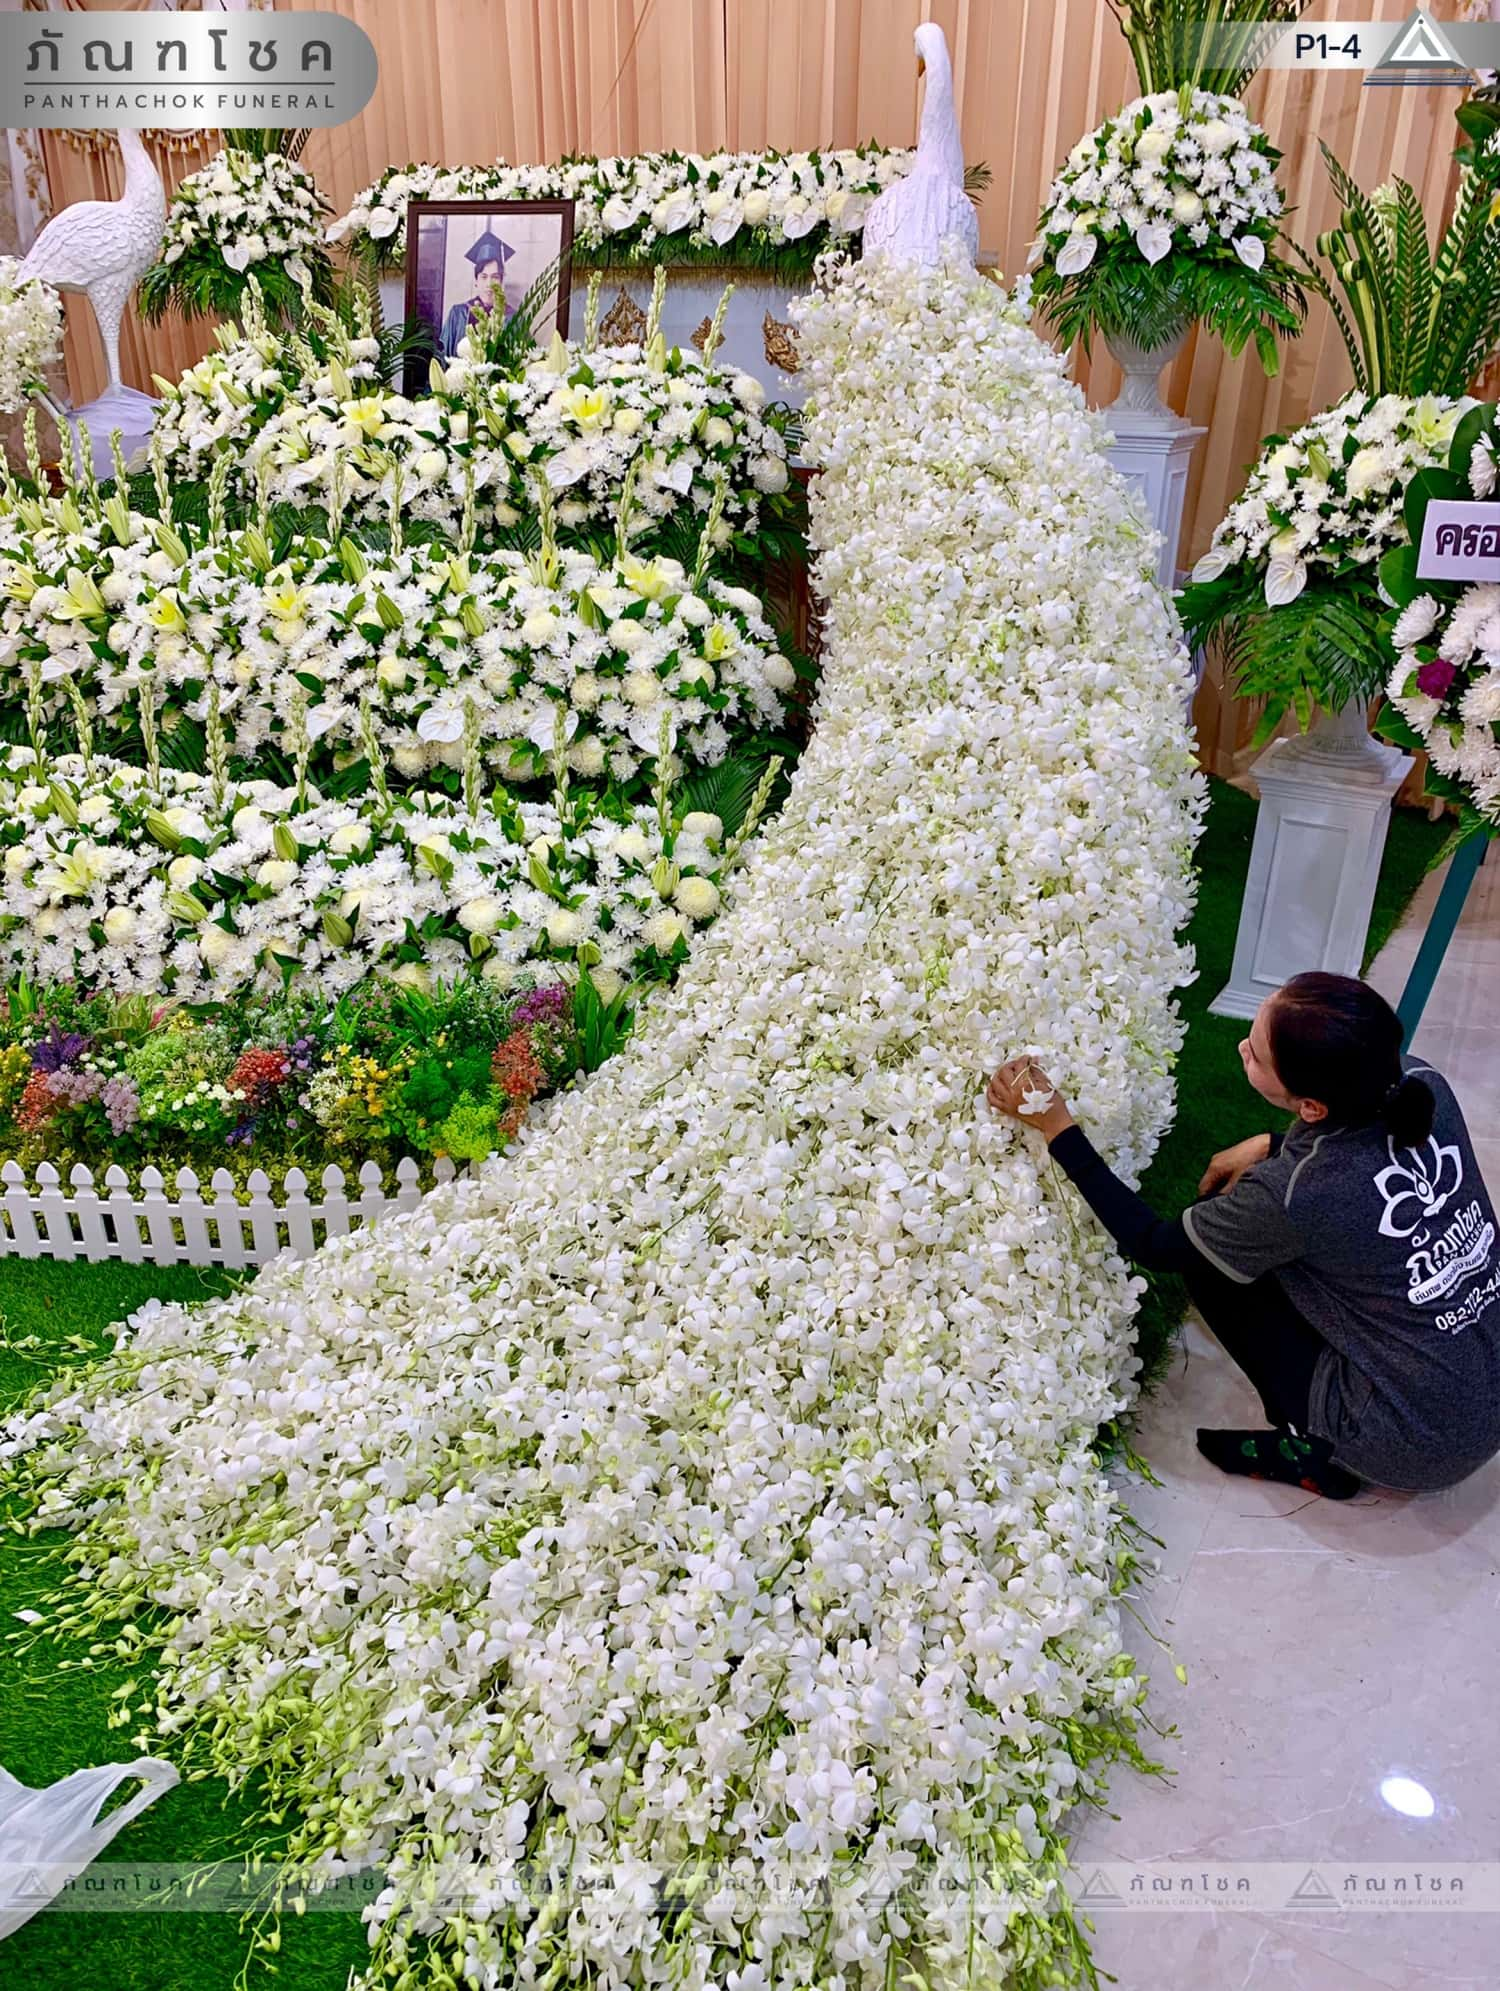 ดอกไม้หน้าศพ ชุด P1-4 79